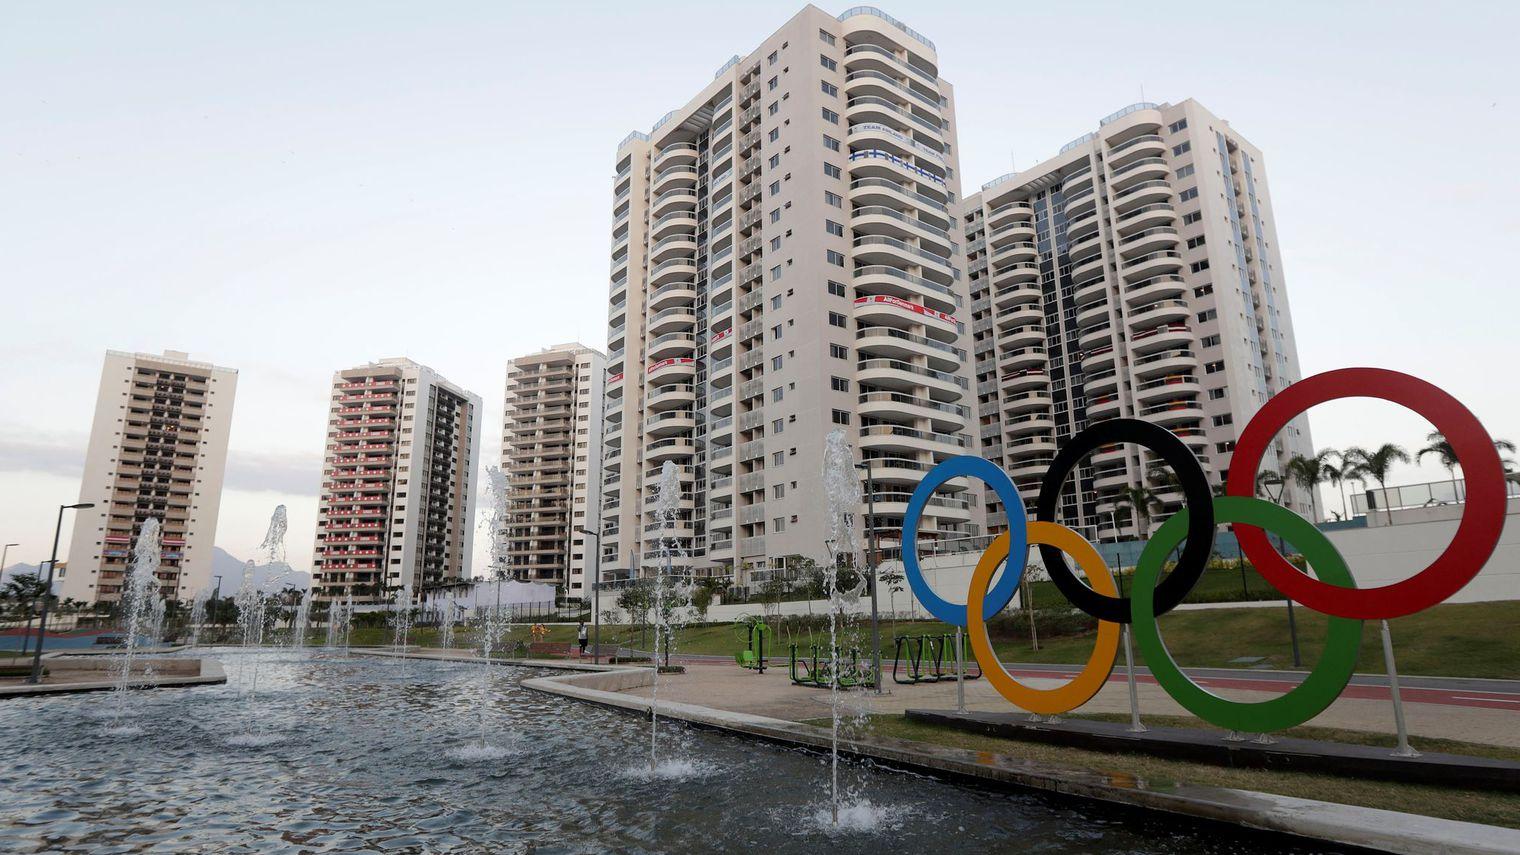 jeux olympiques 2016 village